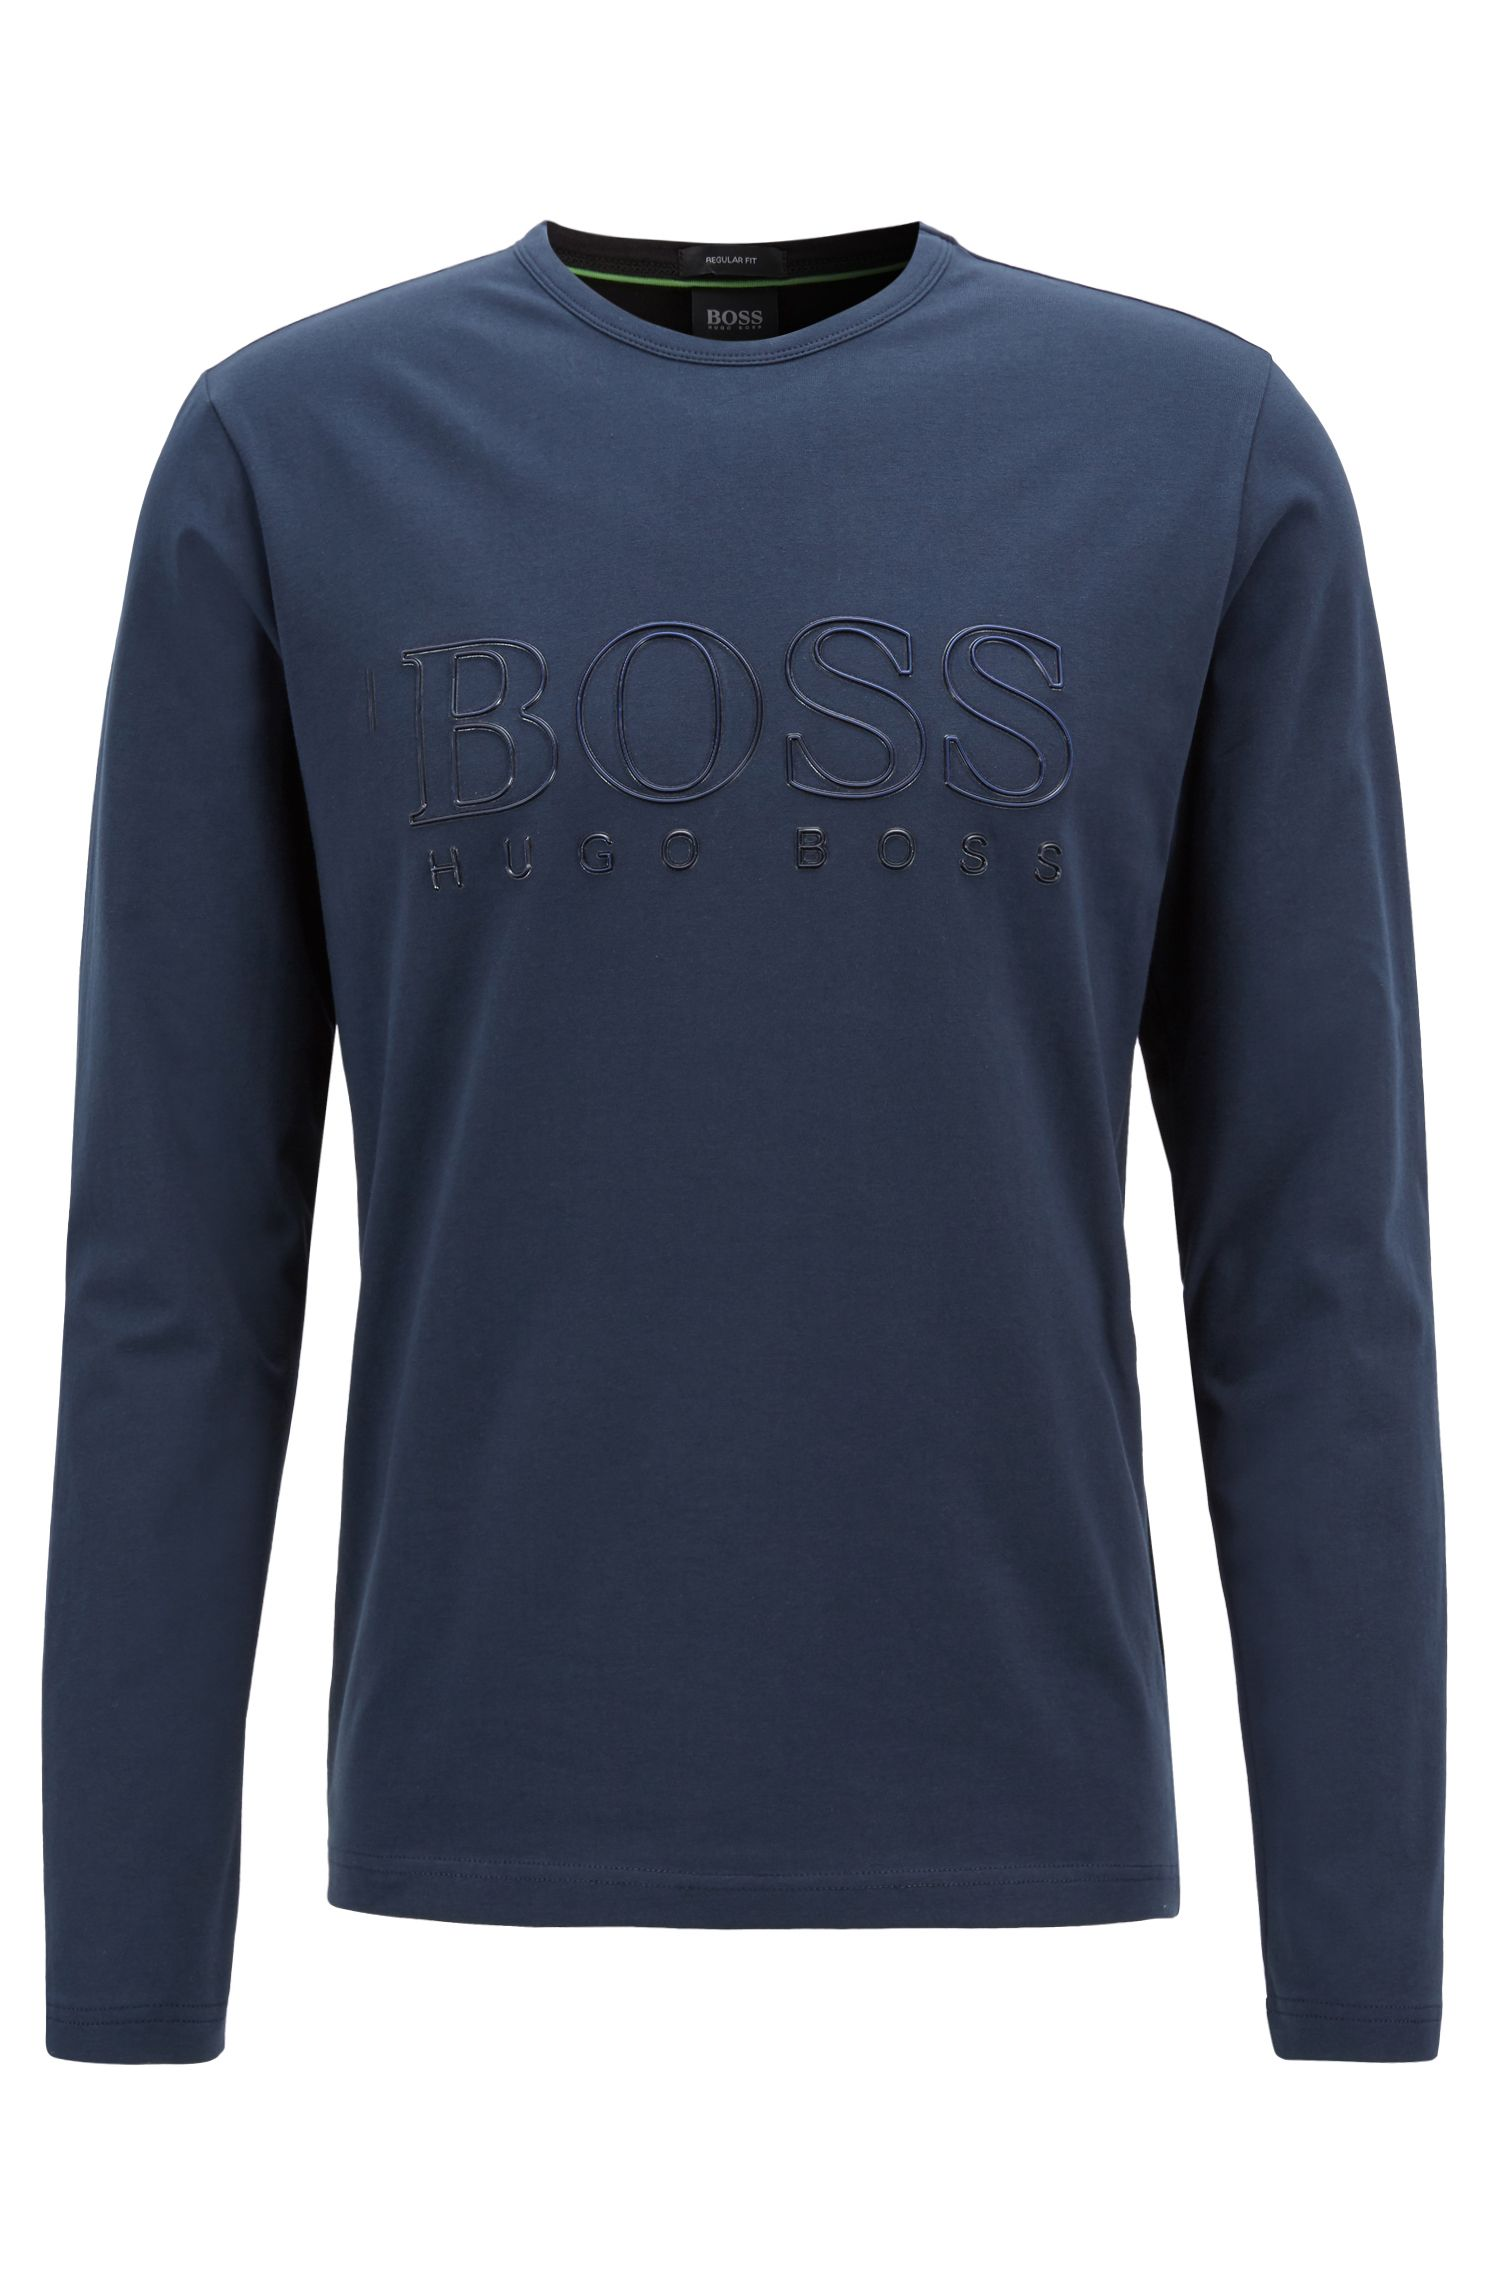 Camiseta de manga larga en algodón elástico con logo reflectante, Azul oscuro